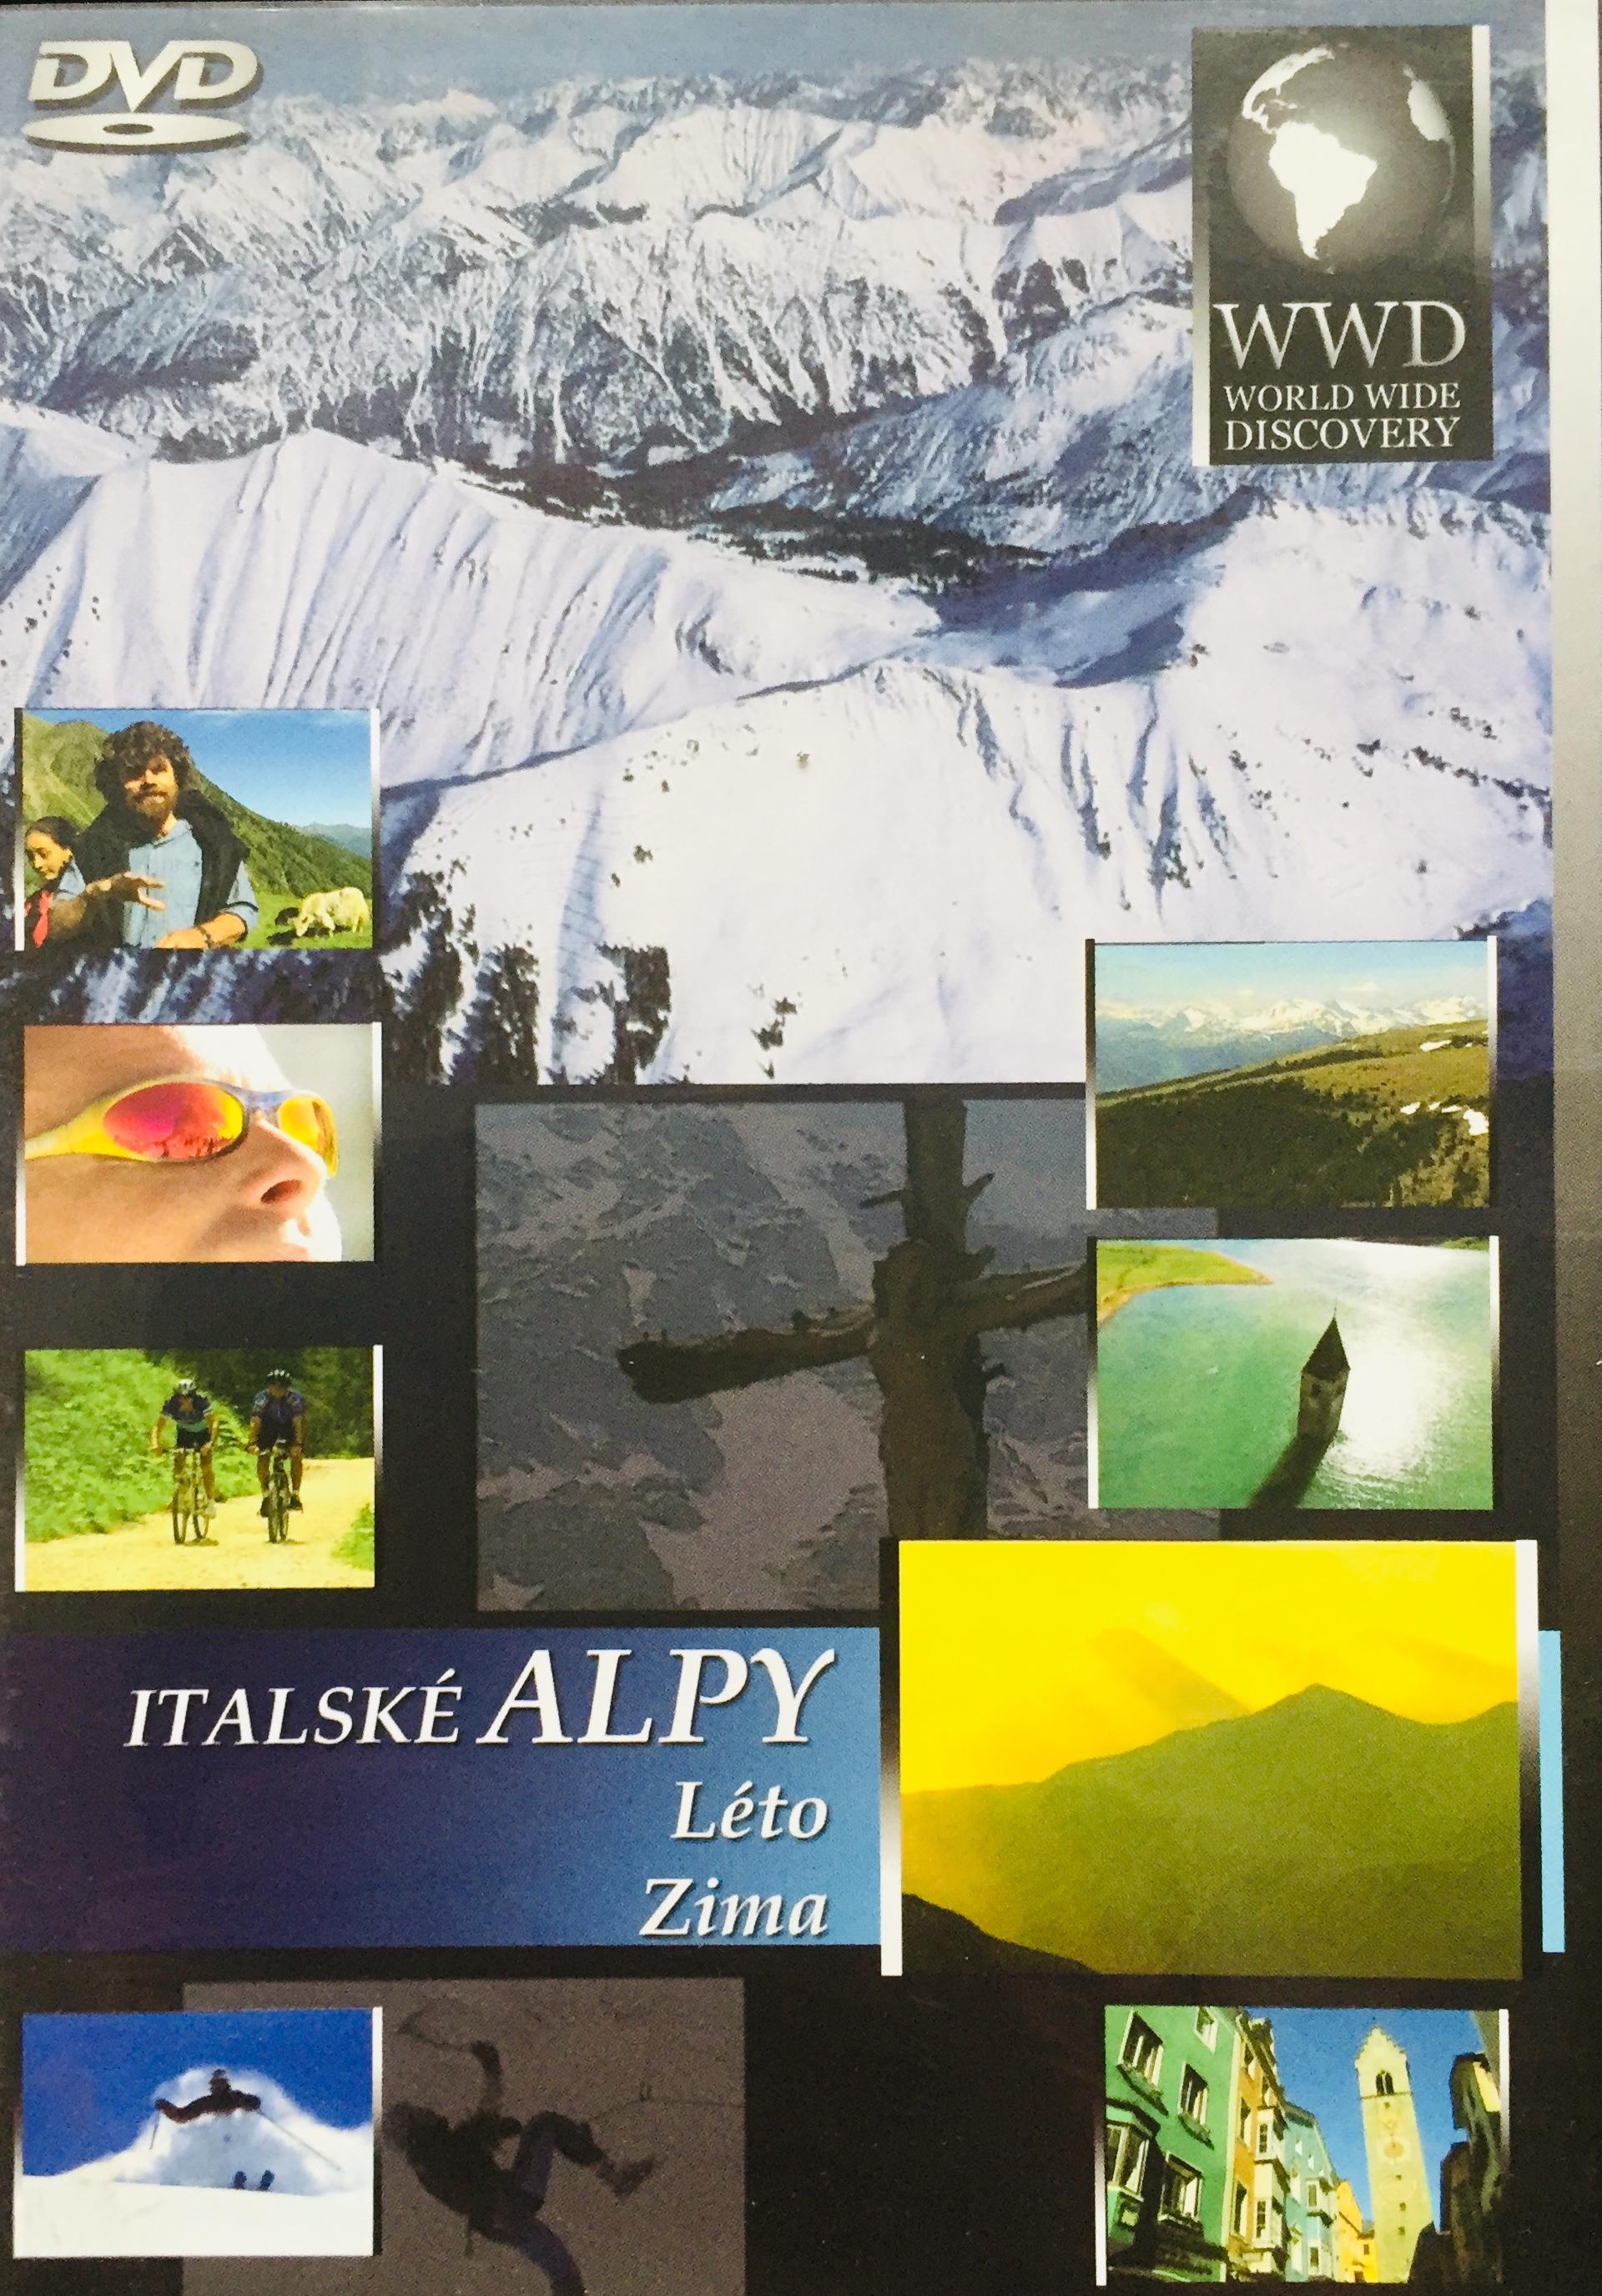 Italské Alpy - Léto, Zima - WWD - DVD /plast/